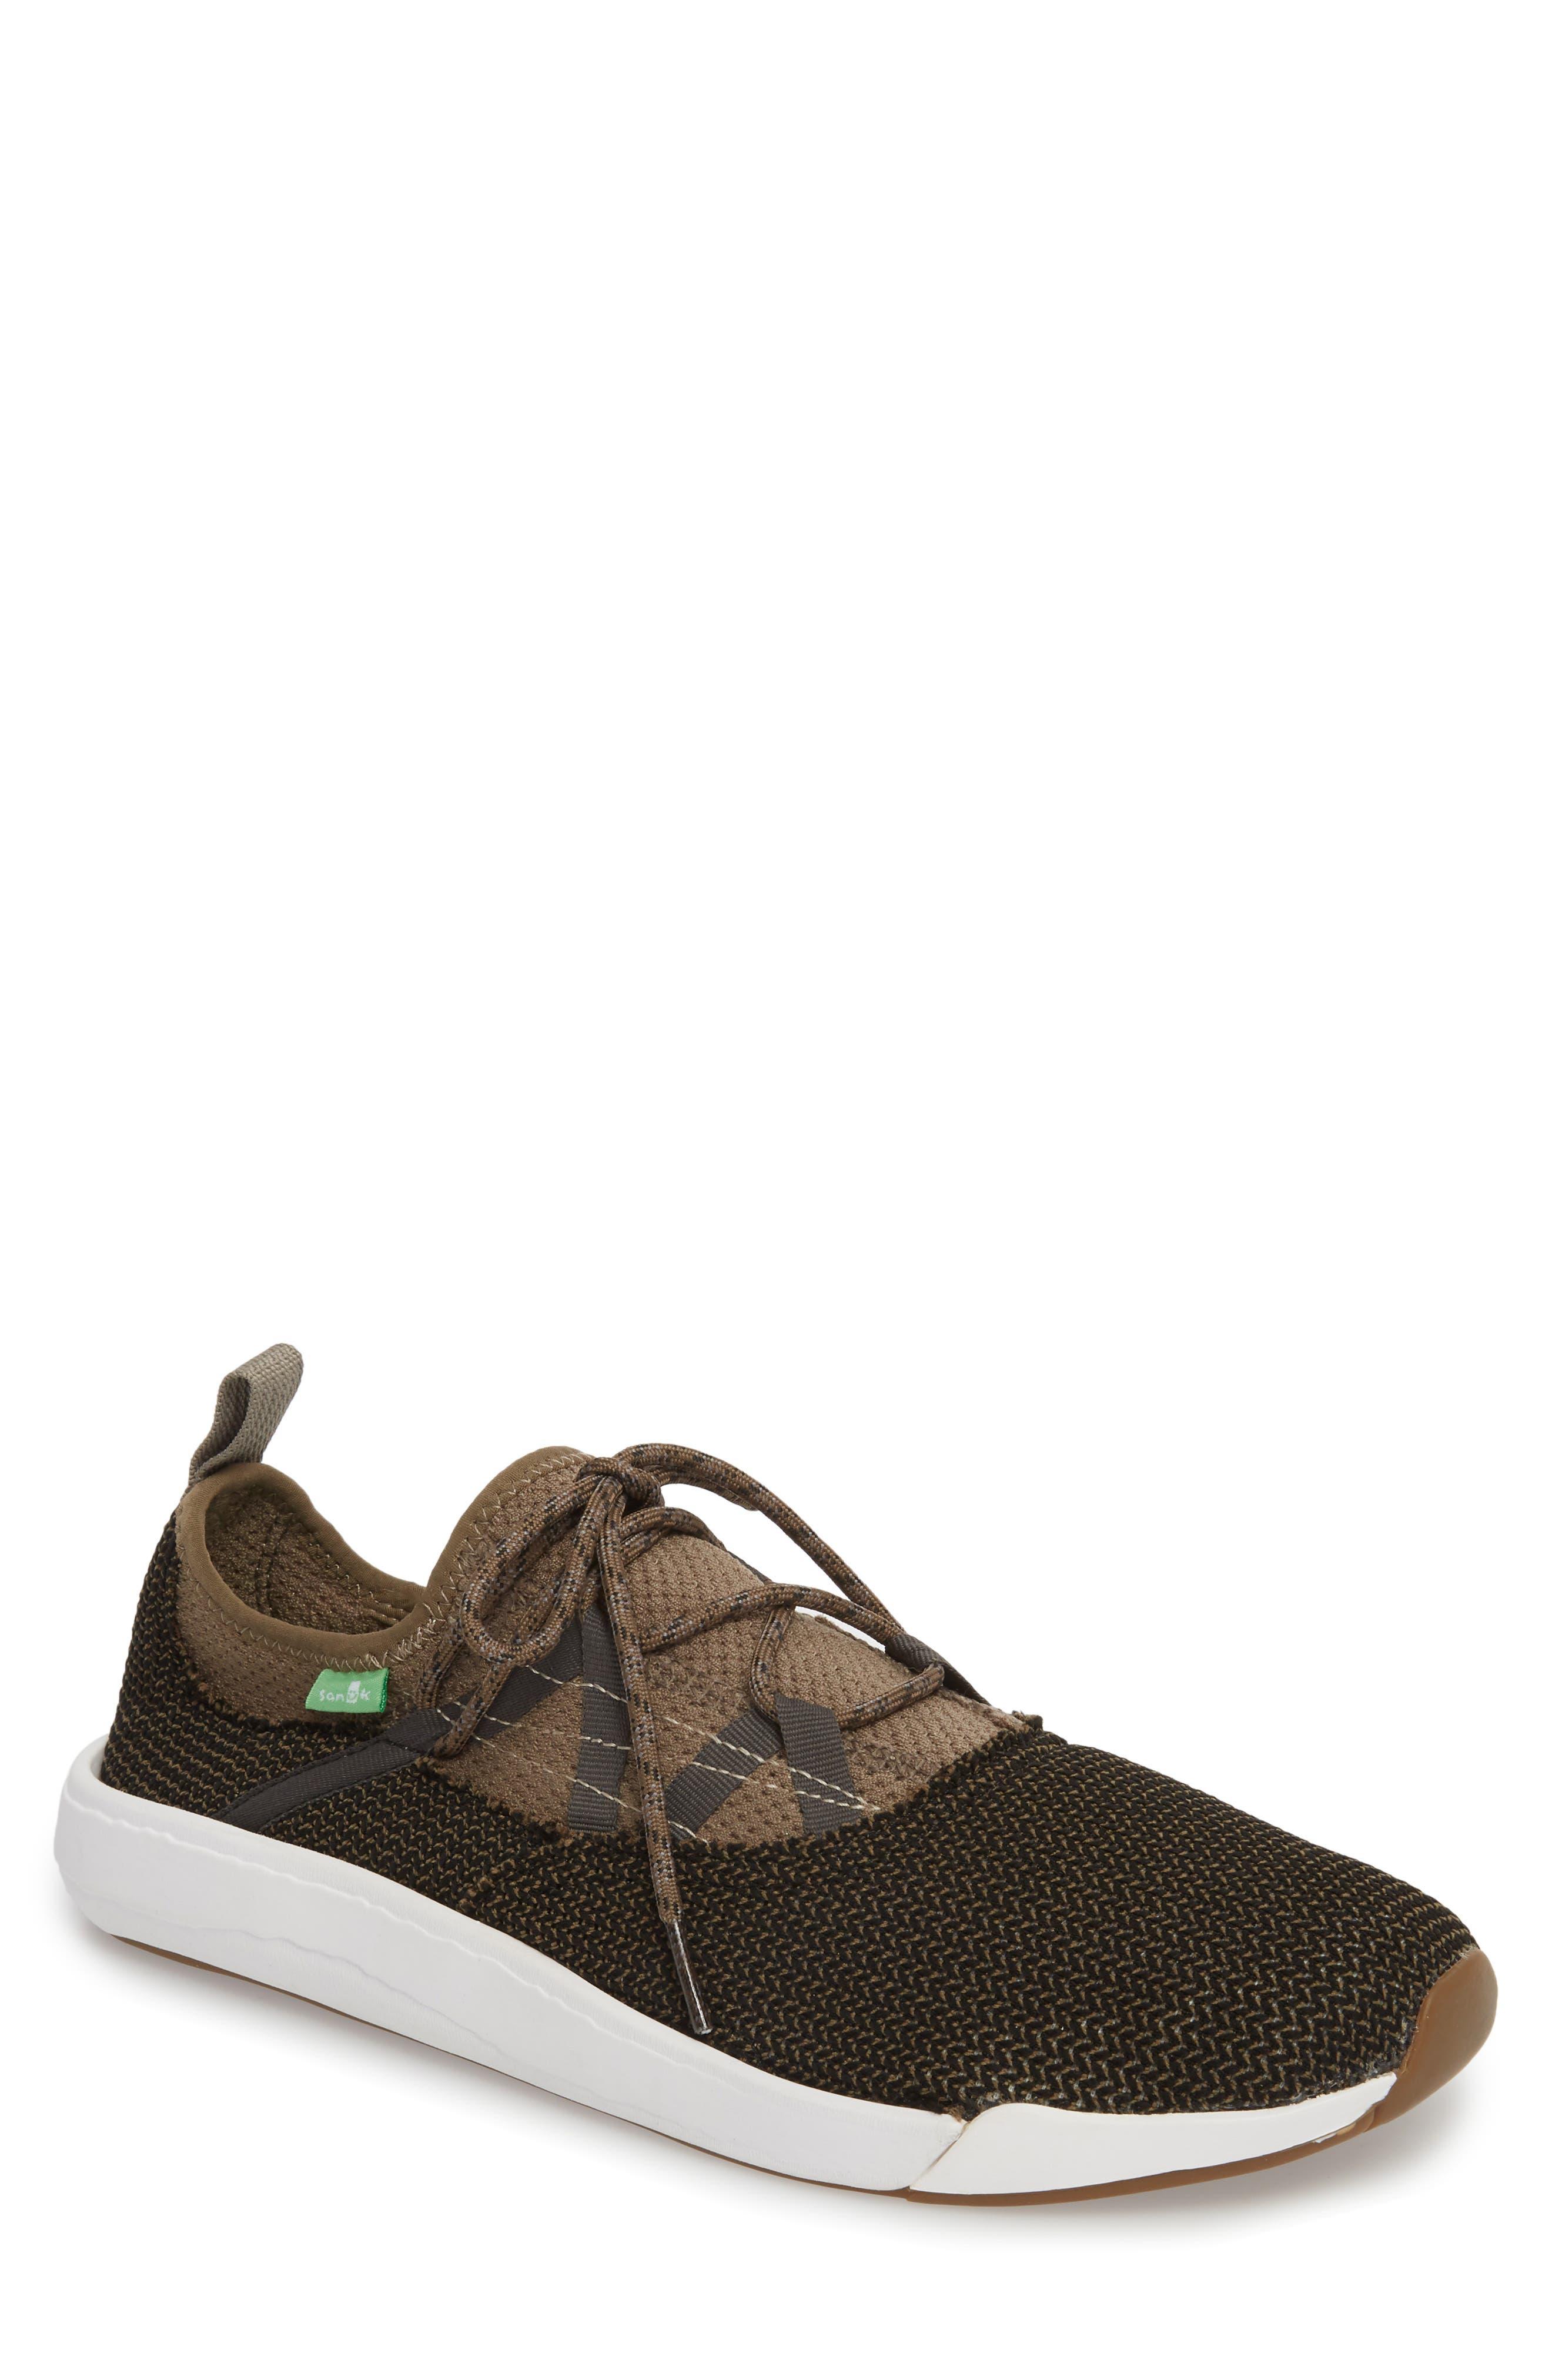 Chiba Quest Knit Sneaker,                             Main thumbnail 1, color,                             Brindle/ Black